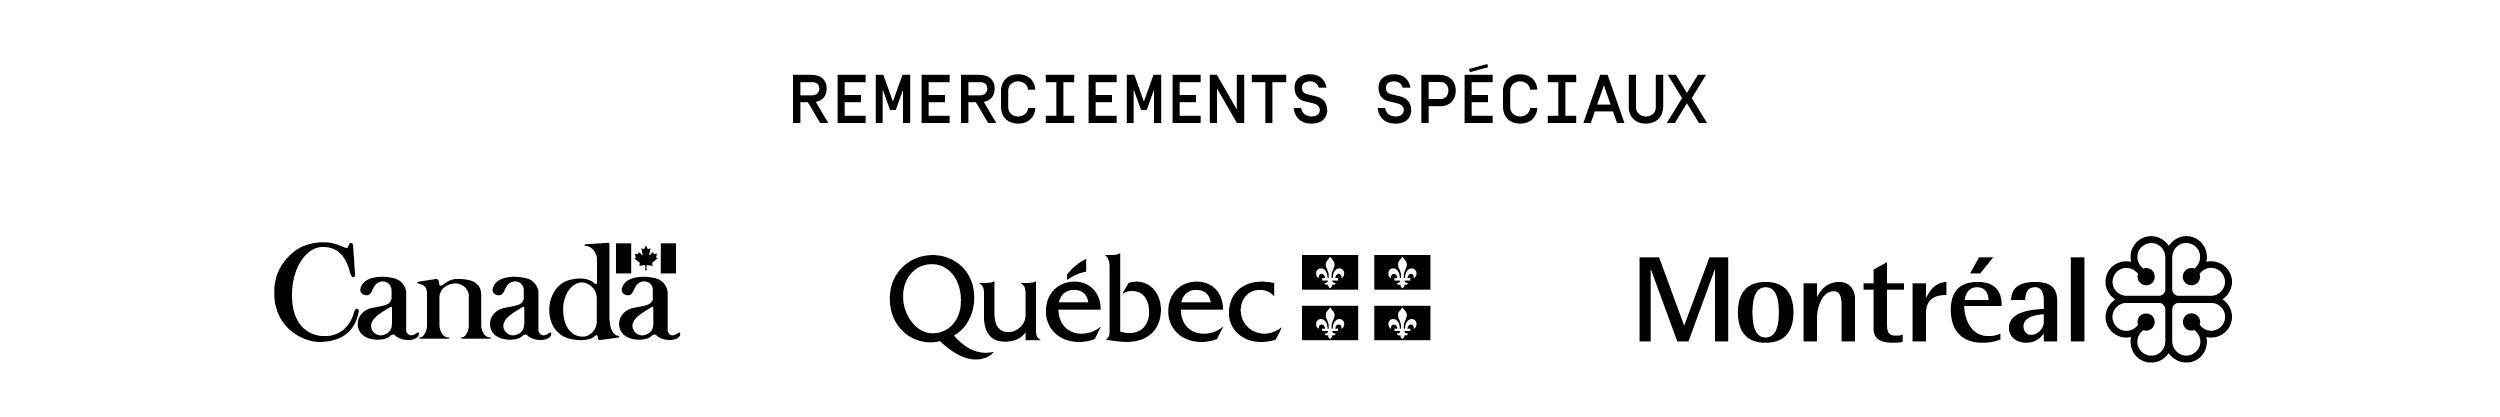 Remerciements spéciaux: gouvernement Canada, gouvernement Québec, Ville de Montréal